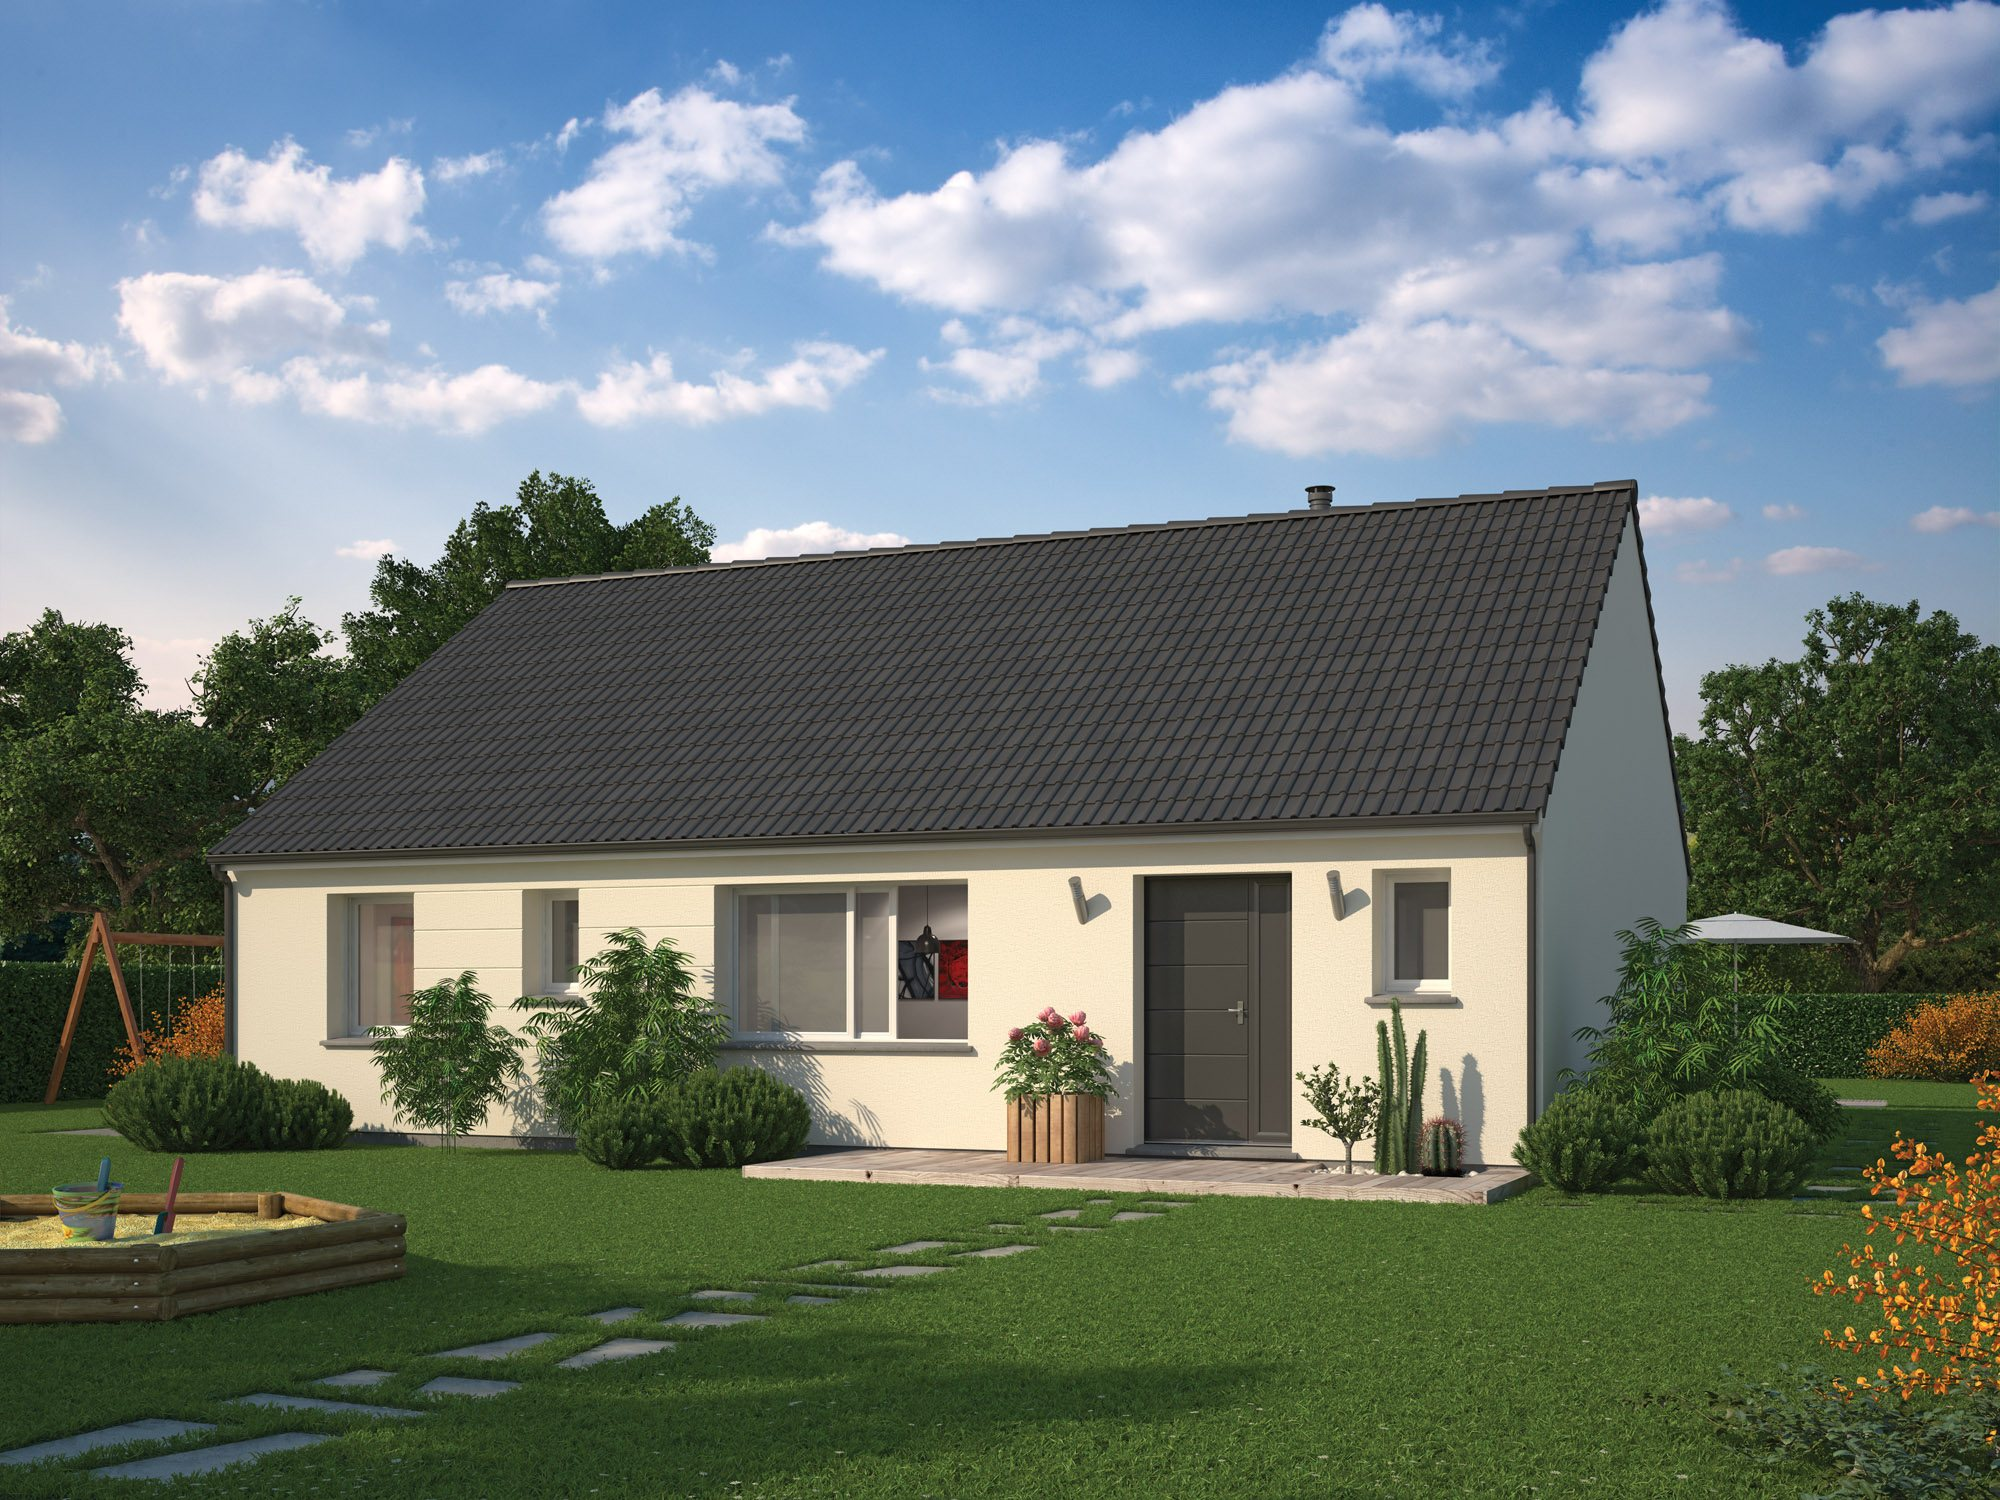 Maisons + Terrains du constructeur MAISON FAMILIALE • 97 m² • COIGNIERES